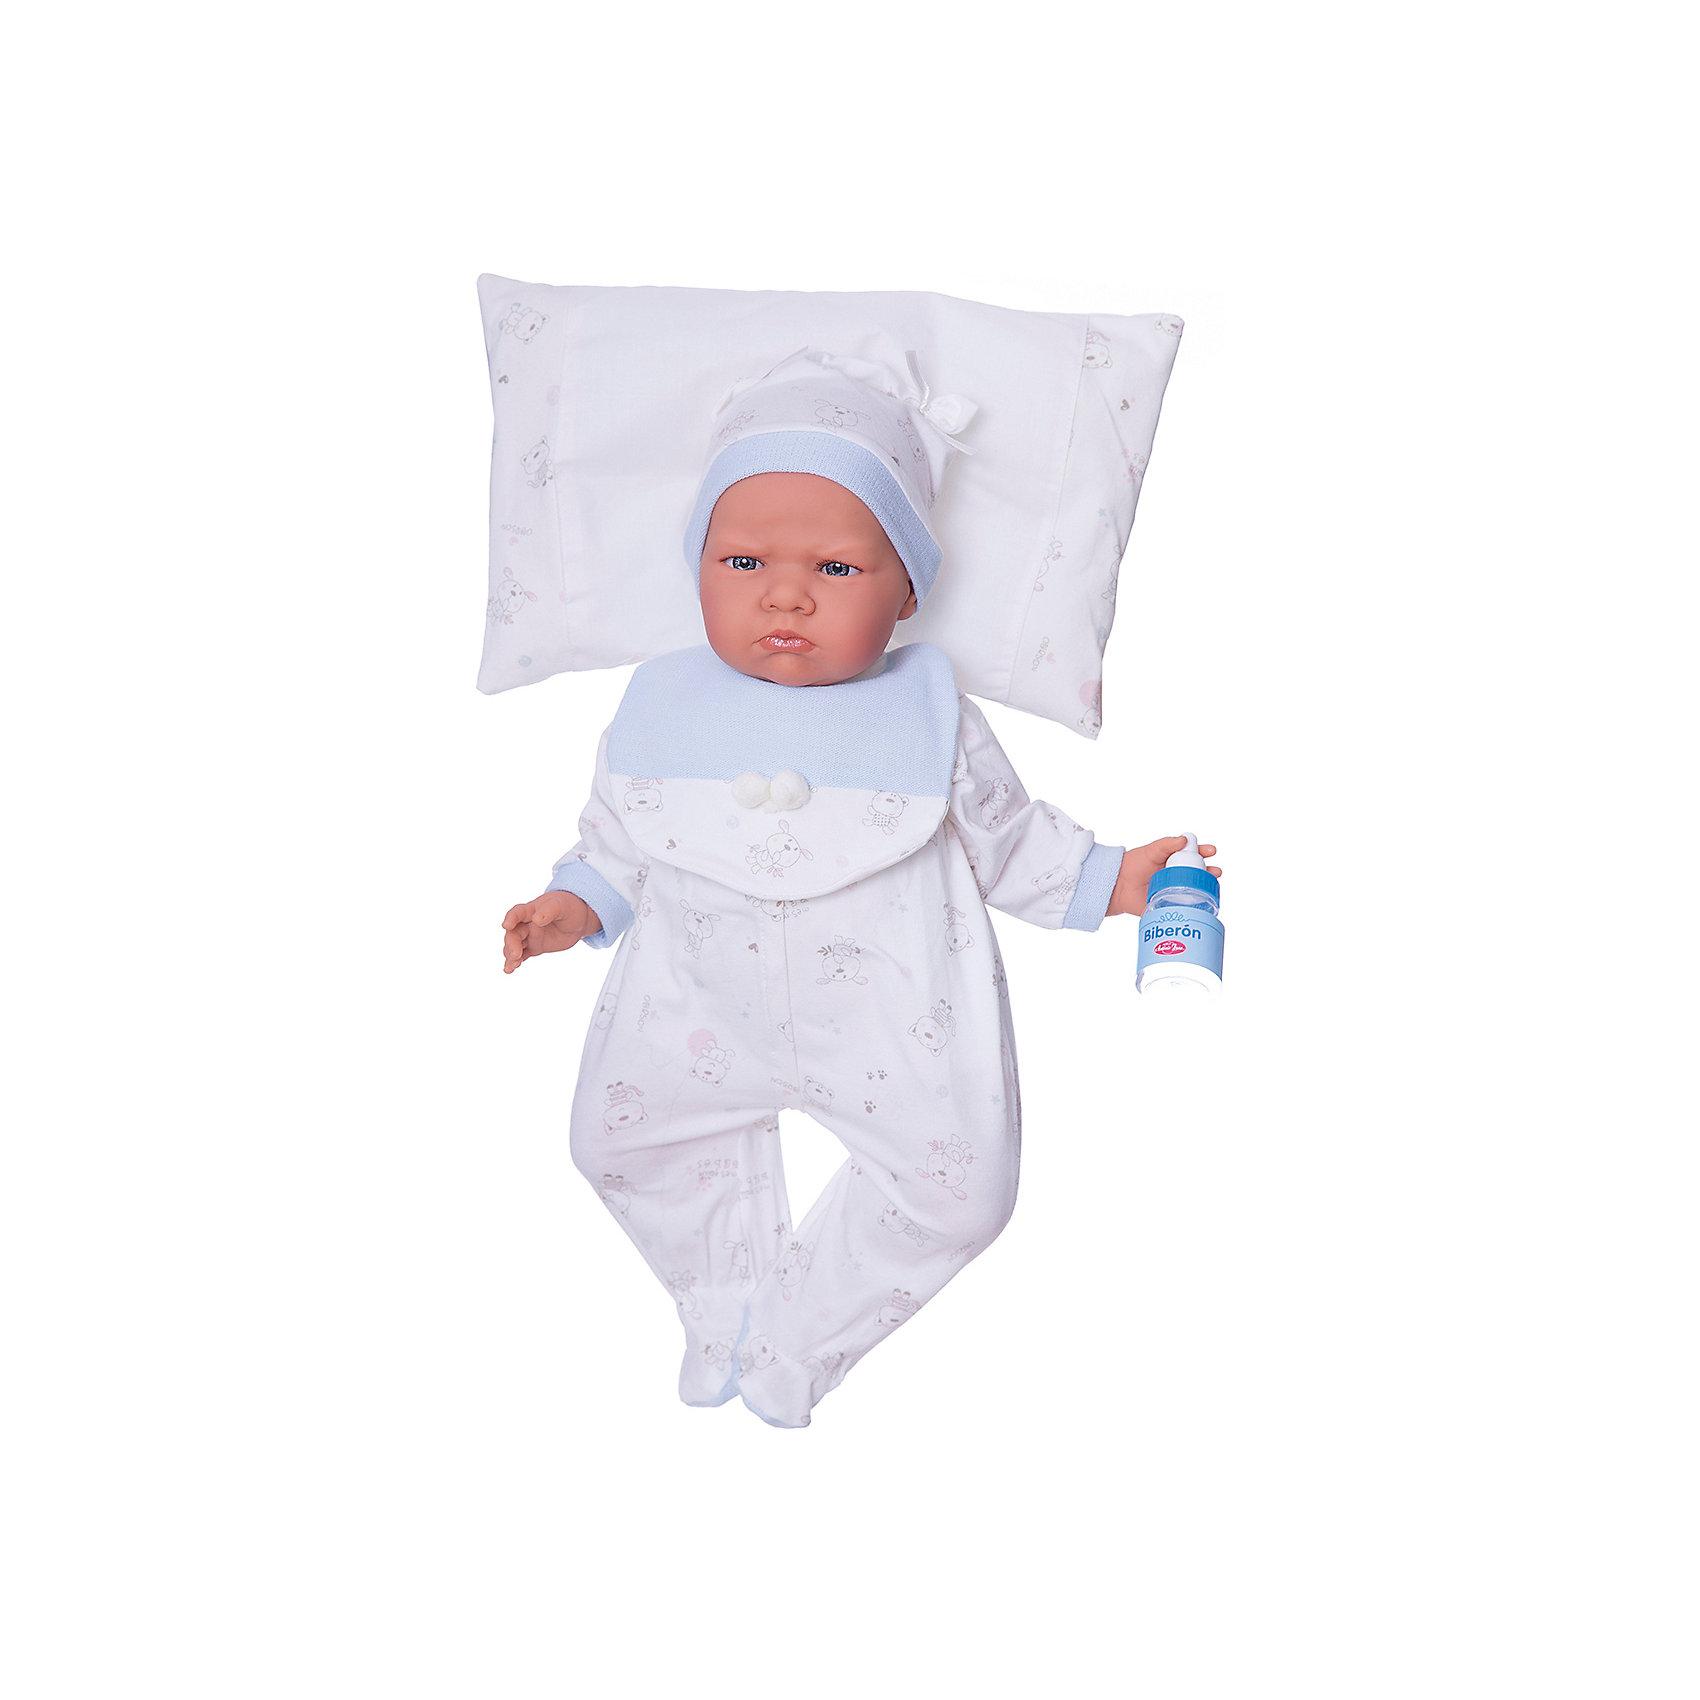 Кукла Бертина в голубом, озвученная, 52 см, Munecas Antonio JuanКукла Бертина в голубом, озвученная, 52 см, Munecas Antonio Juan (Мунекас Антонио Хуан).<br><br>Характеристики:<br><br>- Комплектация: кукла в одежде, бутылочка, подушка<br>- Материал: винил, текстиль<br>- Высота куклы: 52 см.<br>- Глаза не закрываются<br>- Интерактивные функции куклы: нажмите на животик 1 рази кукла начнет по детски лепетать<br>- Батарейки: 3 x AG13 / LR44 (входят в комплект).<br>- Упаковка: яркая подарочная коробка<br><br>Малышка Бертина невероятно похожа на настоящего младенца, совпадает даже рост (52 см). Анатомическая точность, с которой выполнена кукла, поражает! Голубые глазки, маленький носик, нежные щечки, улыбка, милые «перевязочки» на ручках и ножках придают кукле реалистичный вид и вызывают только самые положительные и добрые эмоции. Бертина одета белый в комбинезон с рисунком в виде зверушек, на груди голубая манишка, на голове - теплая мягкая шапочка с декоративными завязочками. Одежда дополнена голубыми вязаными манжетами. В комплекте также предусмотрена бутылочка и мягкая подушечка, на которую куклу можно удобно разместить. Кукла оснащена звуковым модулем, если нажать на животик, Бертина начнет реалистично агукать, как новорождённый ребенок. Тельце у куклы мягко-набивное, голова, ручки и ножки сделаны из высококачественного винила. Голова, ручки и ножки подвижны. Кукла изготовлена из высококачественных и экологически чистых материалов, поэтому безопасна для детей любого возраста, соответствует всем нормам и требованиям к качеству детских товаров. Образы малышей Мунекас разработаны известными европейскими дизайнерами. Они натуралистичны, анатомически точны.<br><br>Куклу Бертина в голубом, озвученную, 52 см, Munecas Antonio Juan (Мунекас Антонио Хуан) можно купить в нашем интернет-магазине.<br><br>Ширина мм: 59<br>Глубина мм: 29<br>Высота мм: 14<br>Вес г: 1825<br>Возраст от месяцев: 36<br>Возраст до месяцев: 2147483647<br>Пол: Женский<br>Возраст: Детский<br>SKU: 5055415